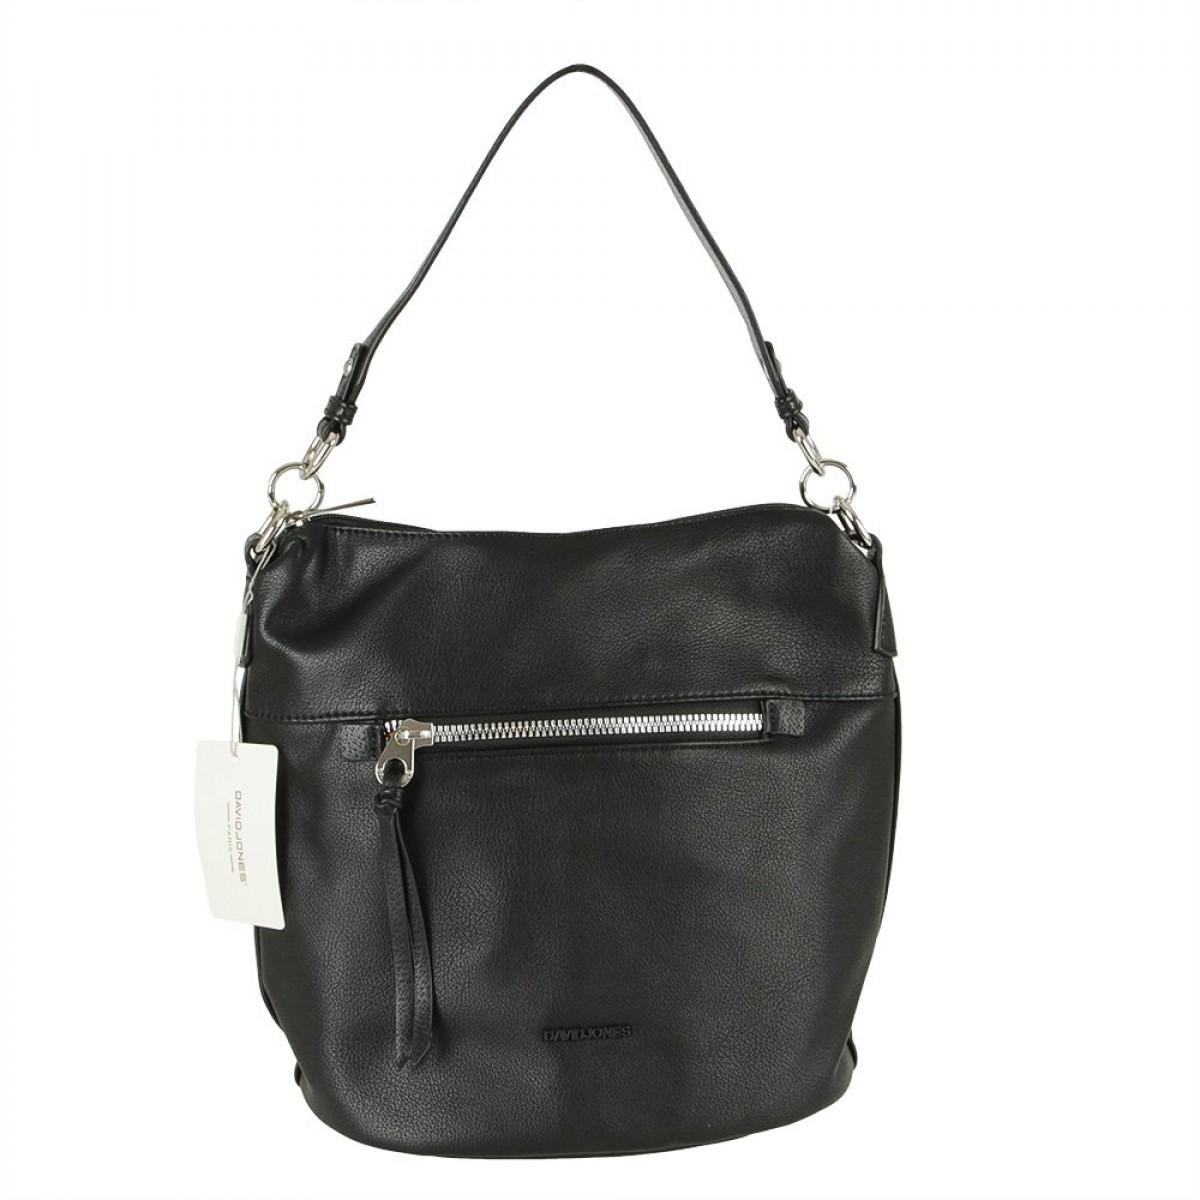 Жіноча сумка David Jones 6296-1 BLACK